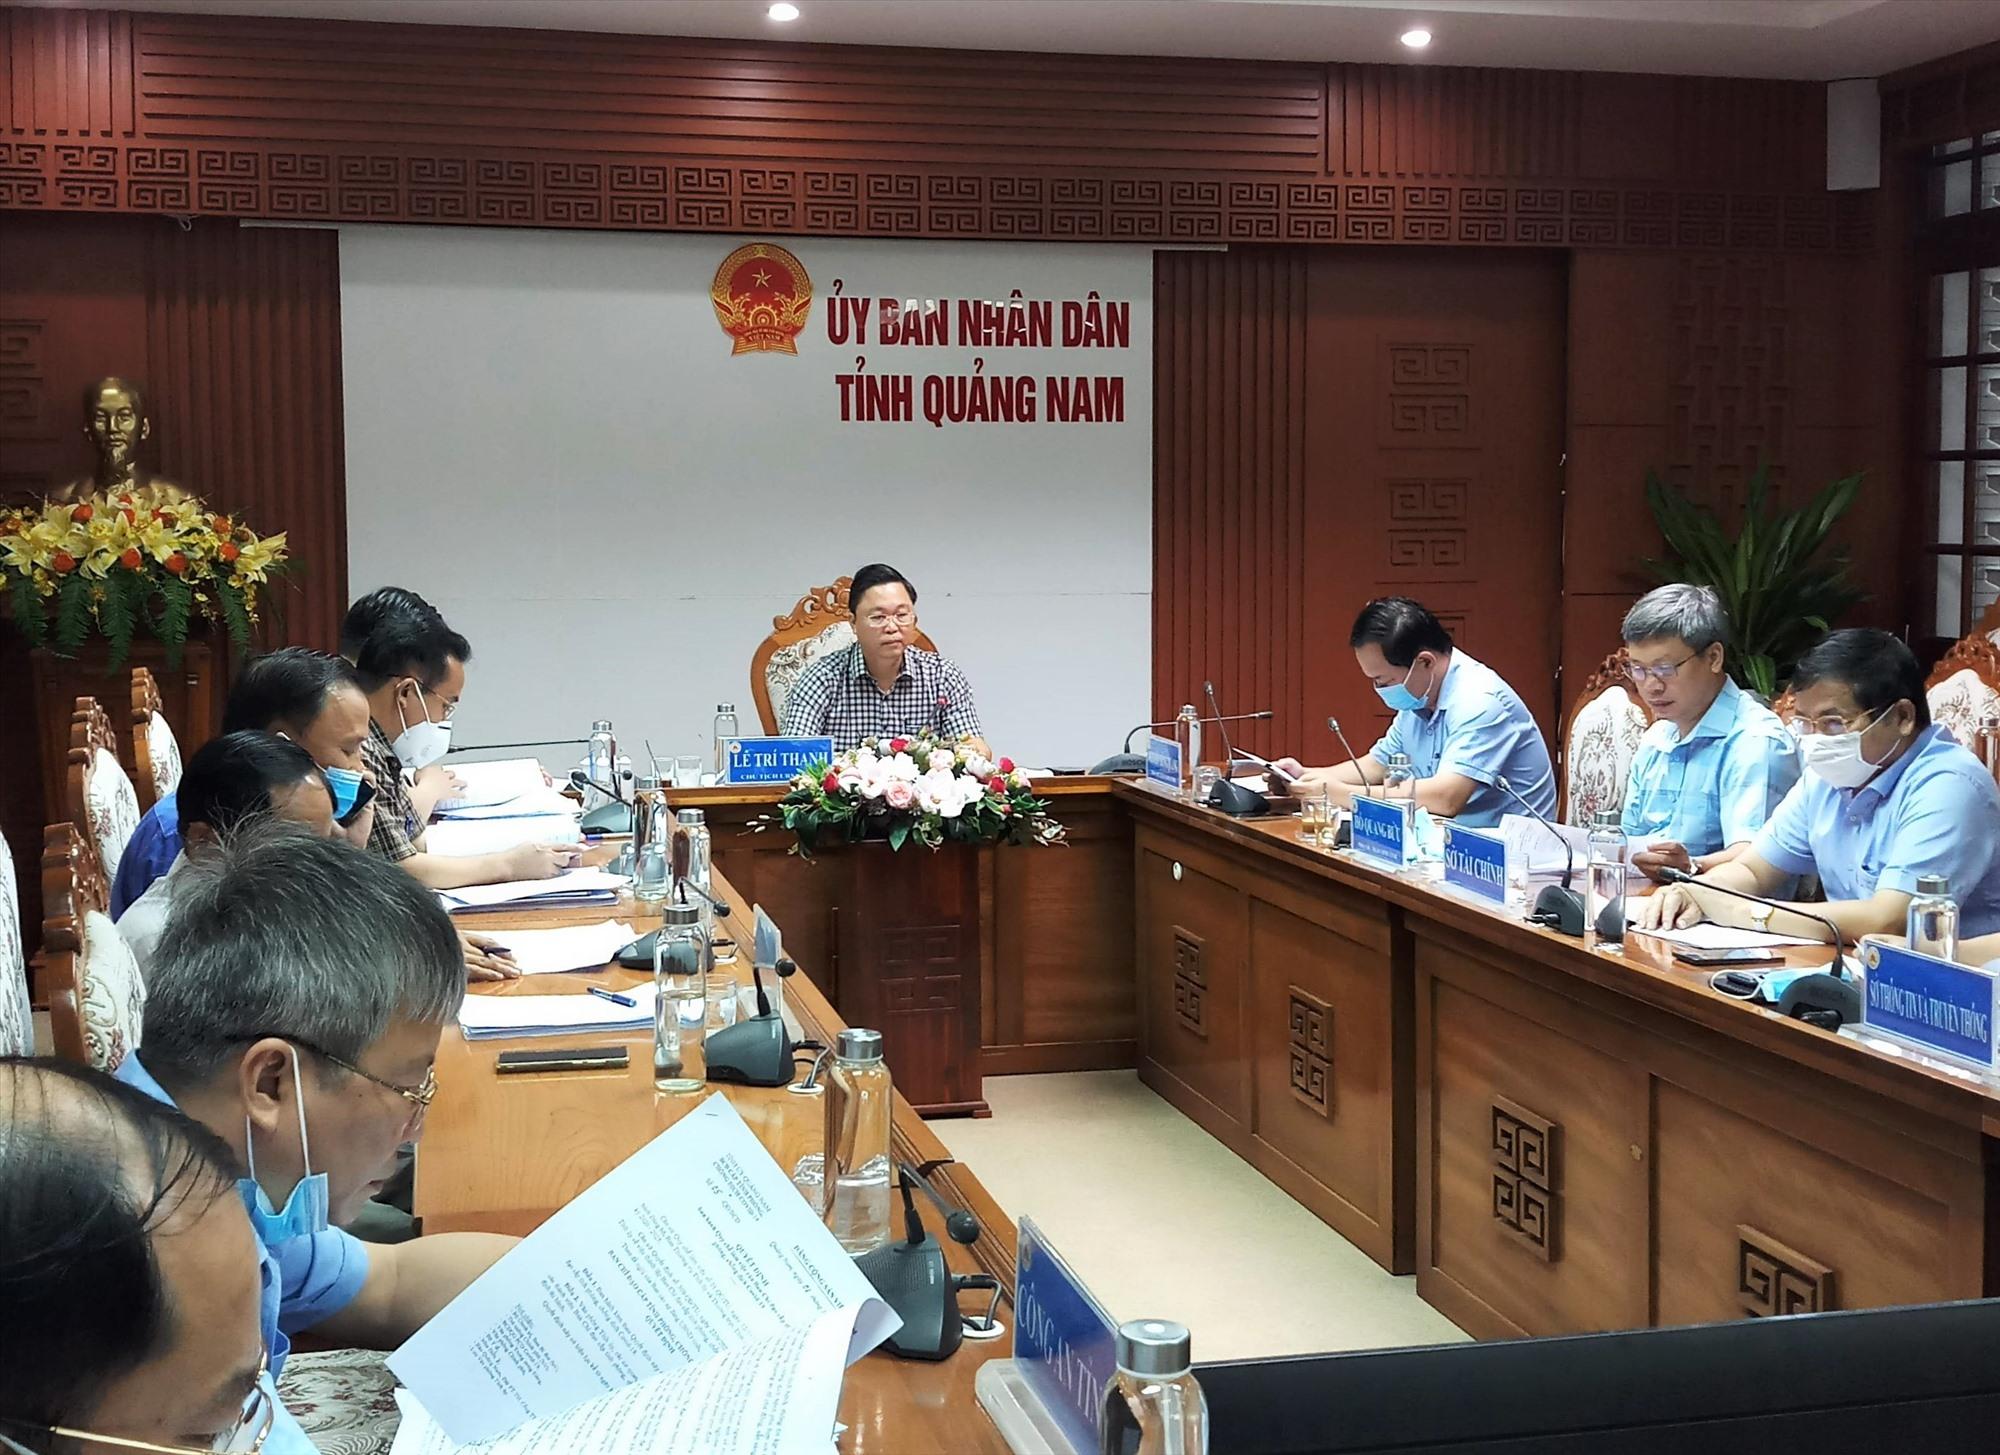 Các đại biểu tham dự cuộc họp bàn về công tác phòng chống dịch Covid-19 vào sáng nay 7.10. Ảnh: A.N